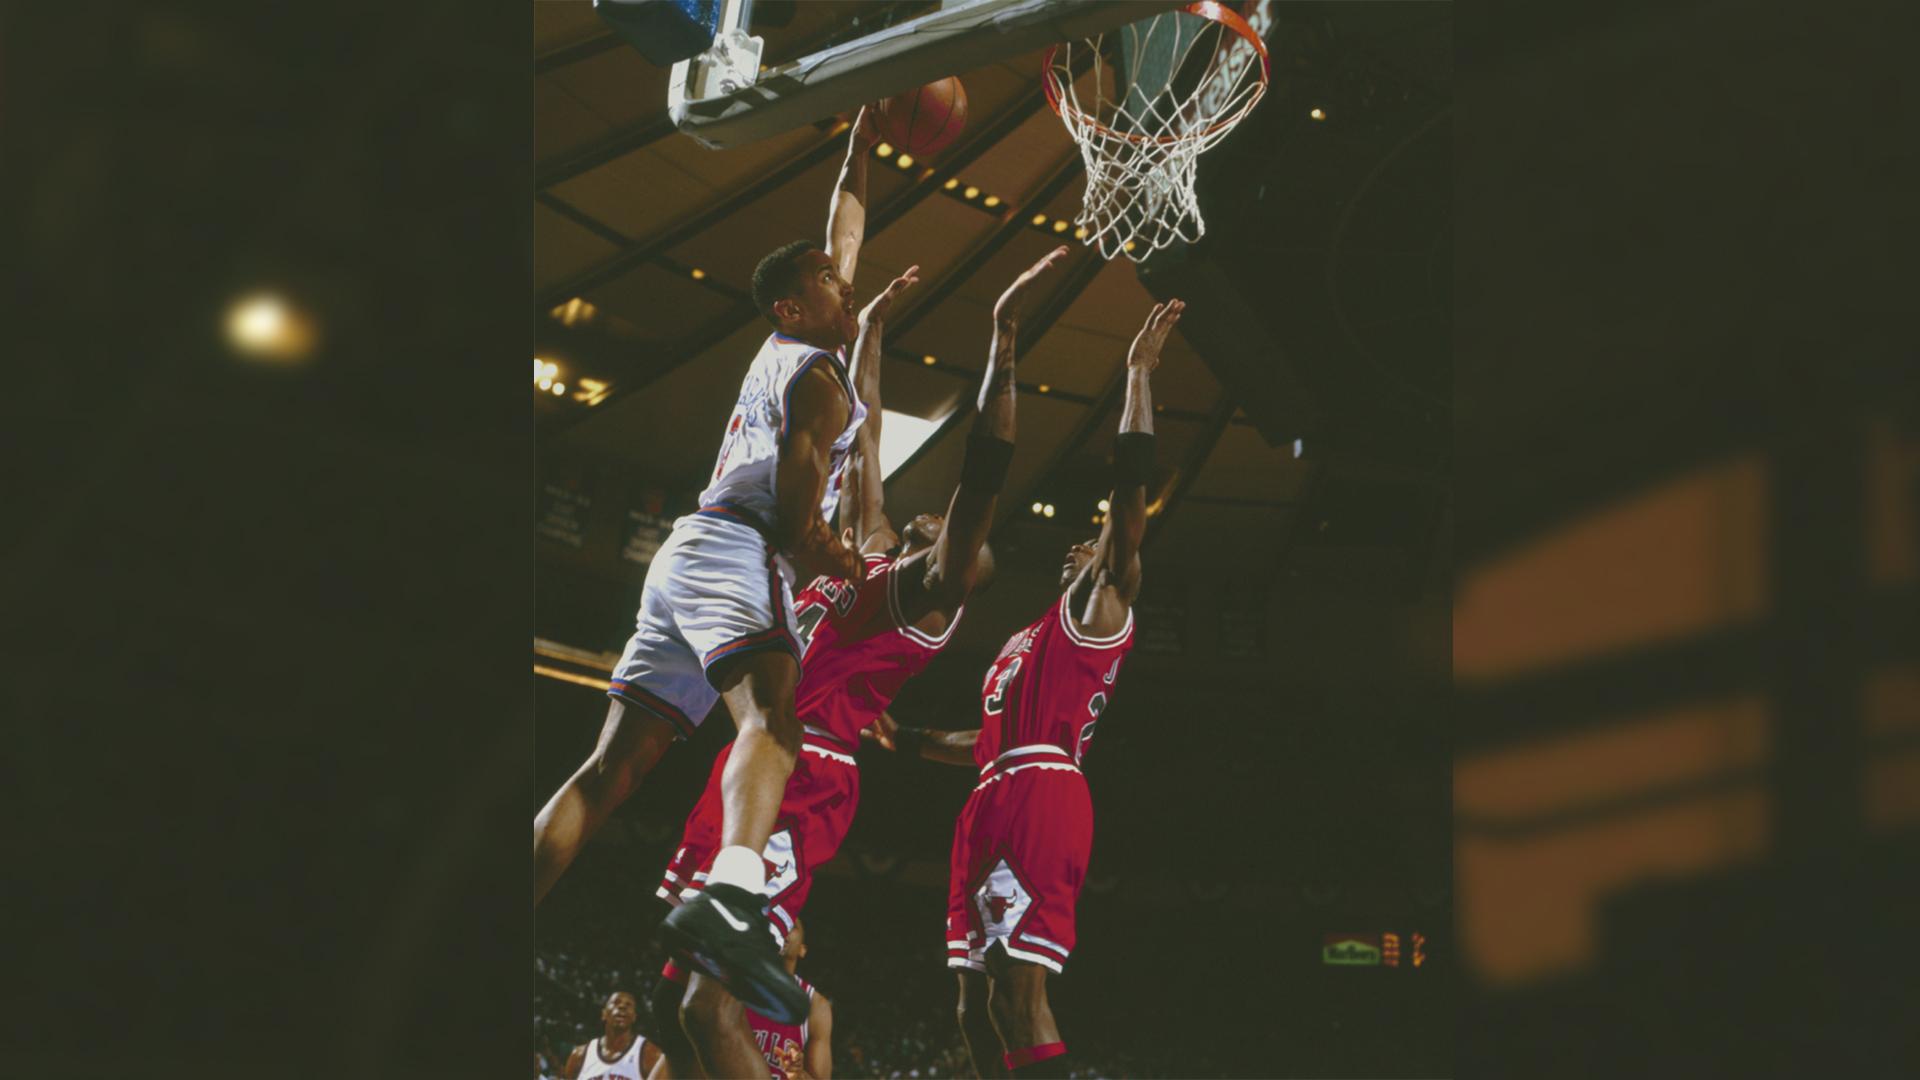 SI Now John Starks relives dunking on Michael Jordan